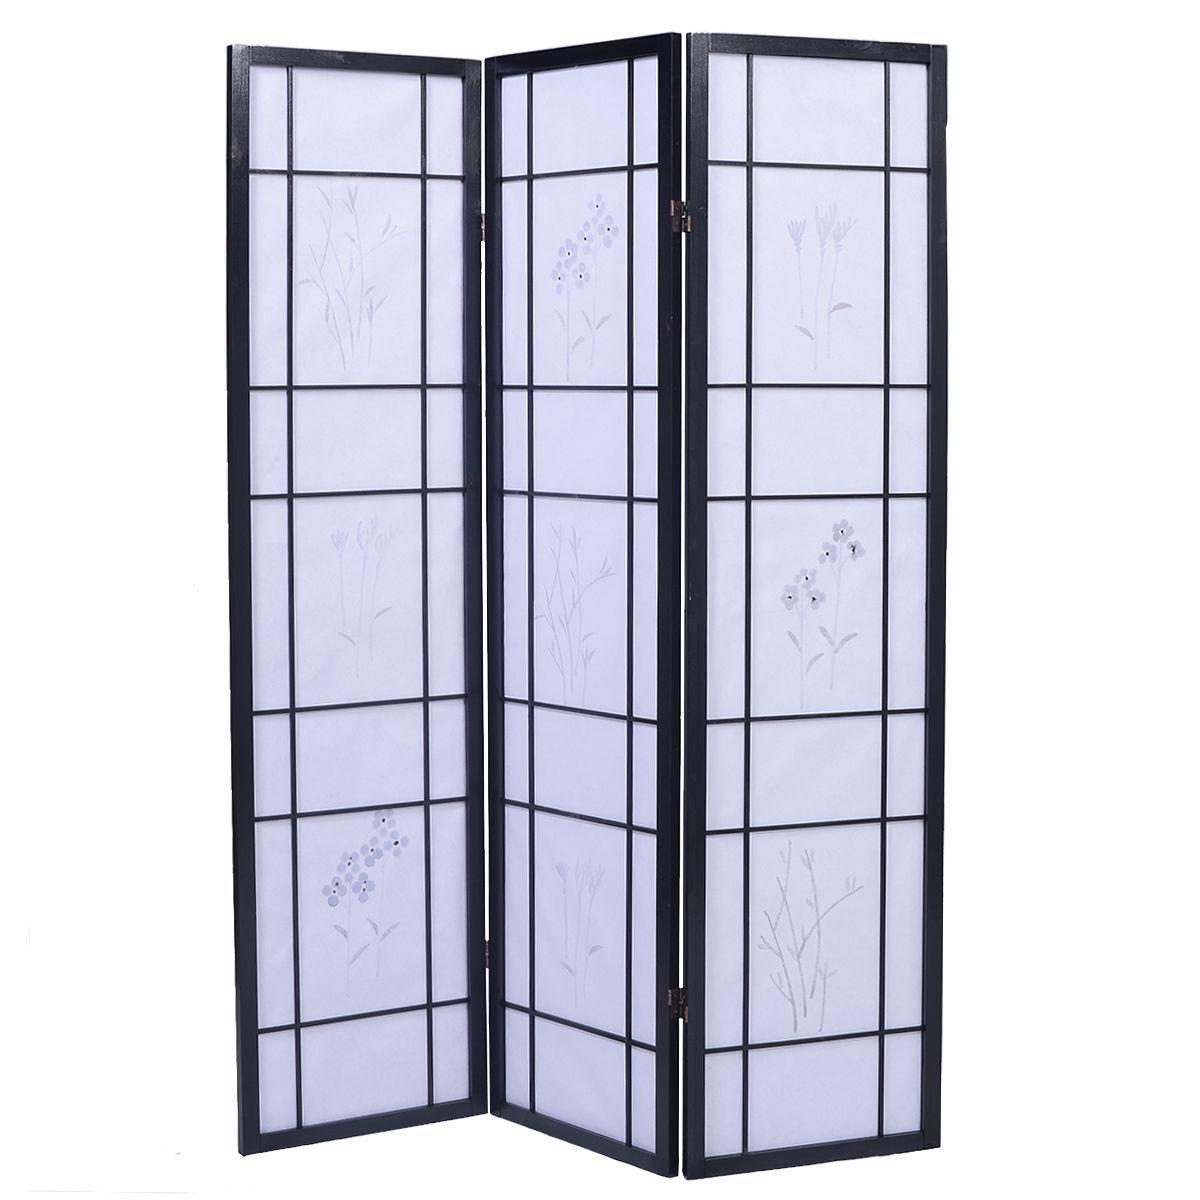 3 Panels Printing Flower Solid Wood Room Screen